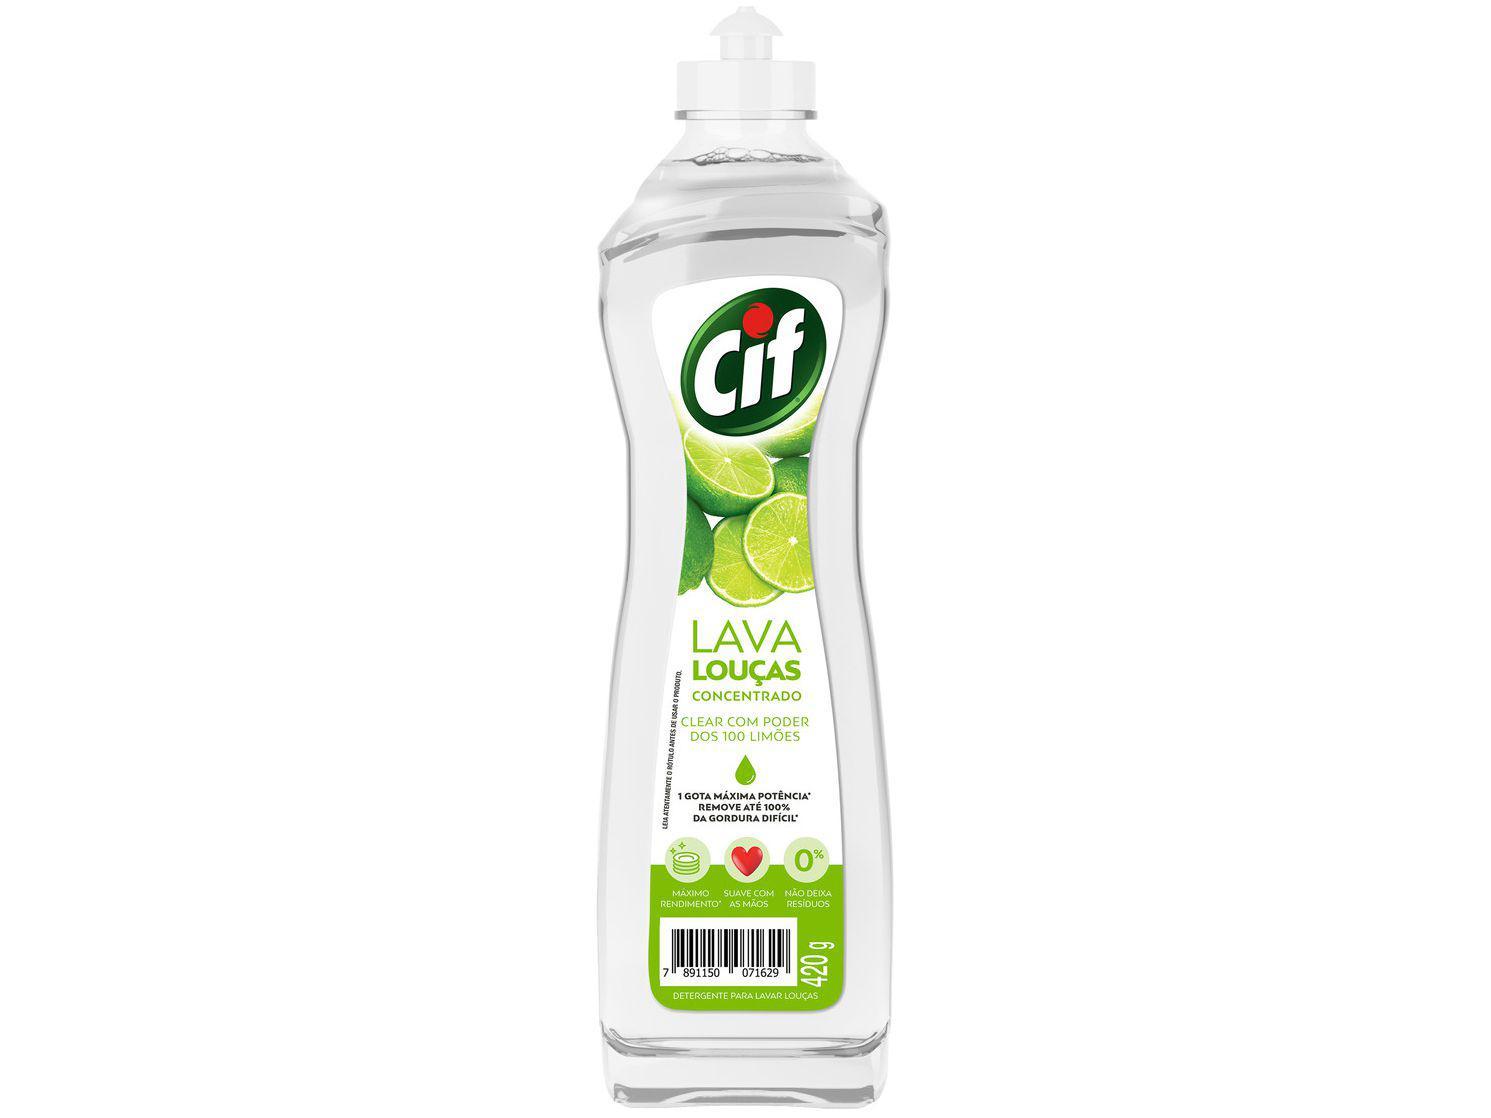 Detergente Líquido Concentrado Lava-Louças Cif - Limão Clear com Poder dos 100 Limões 420g